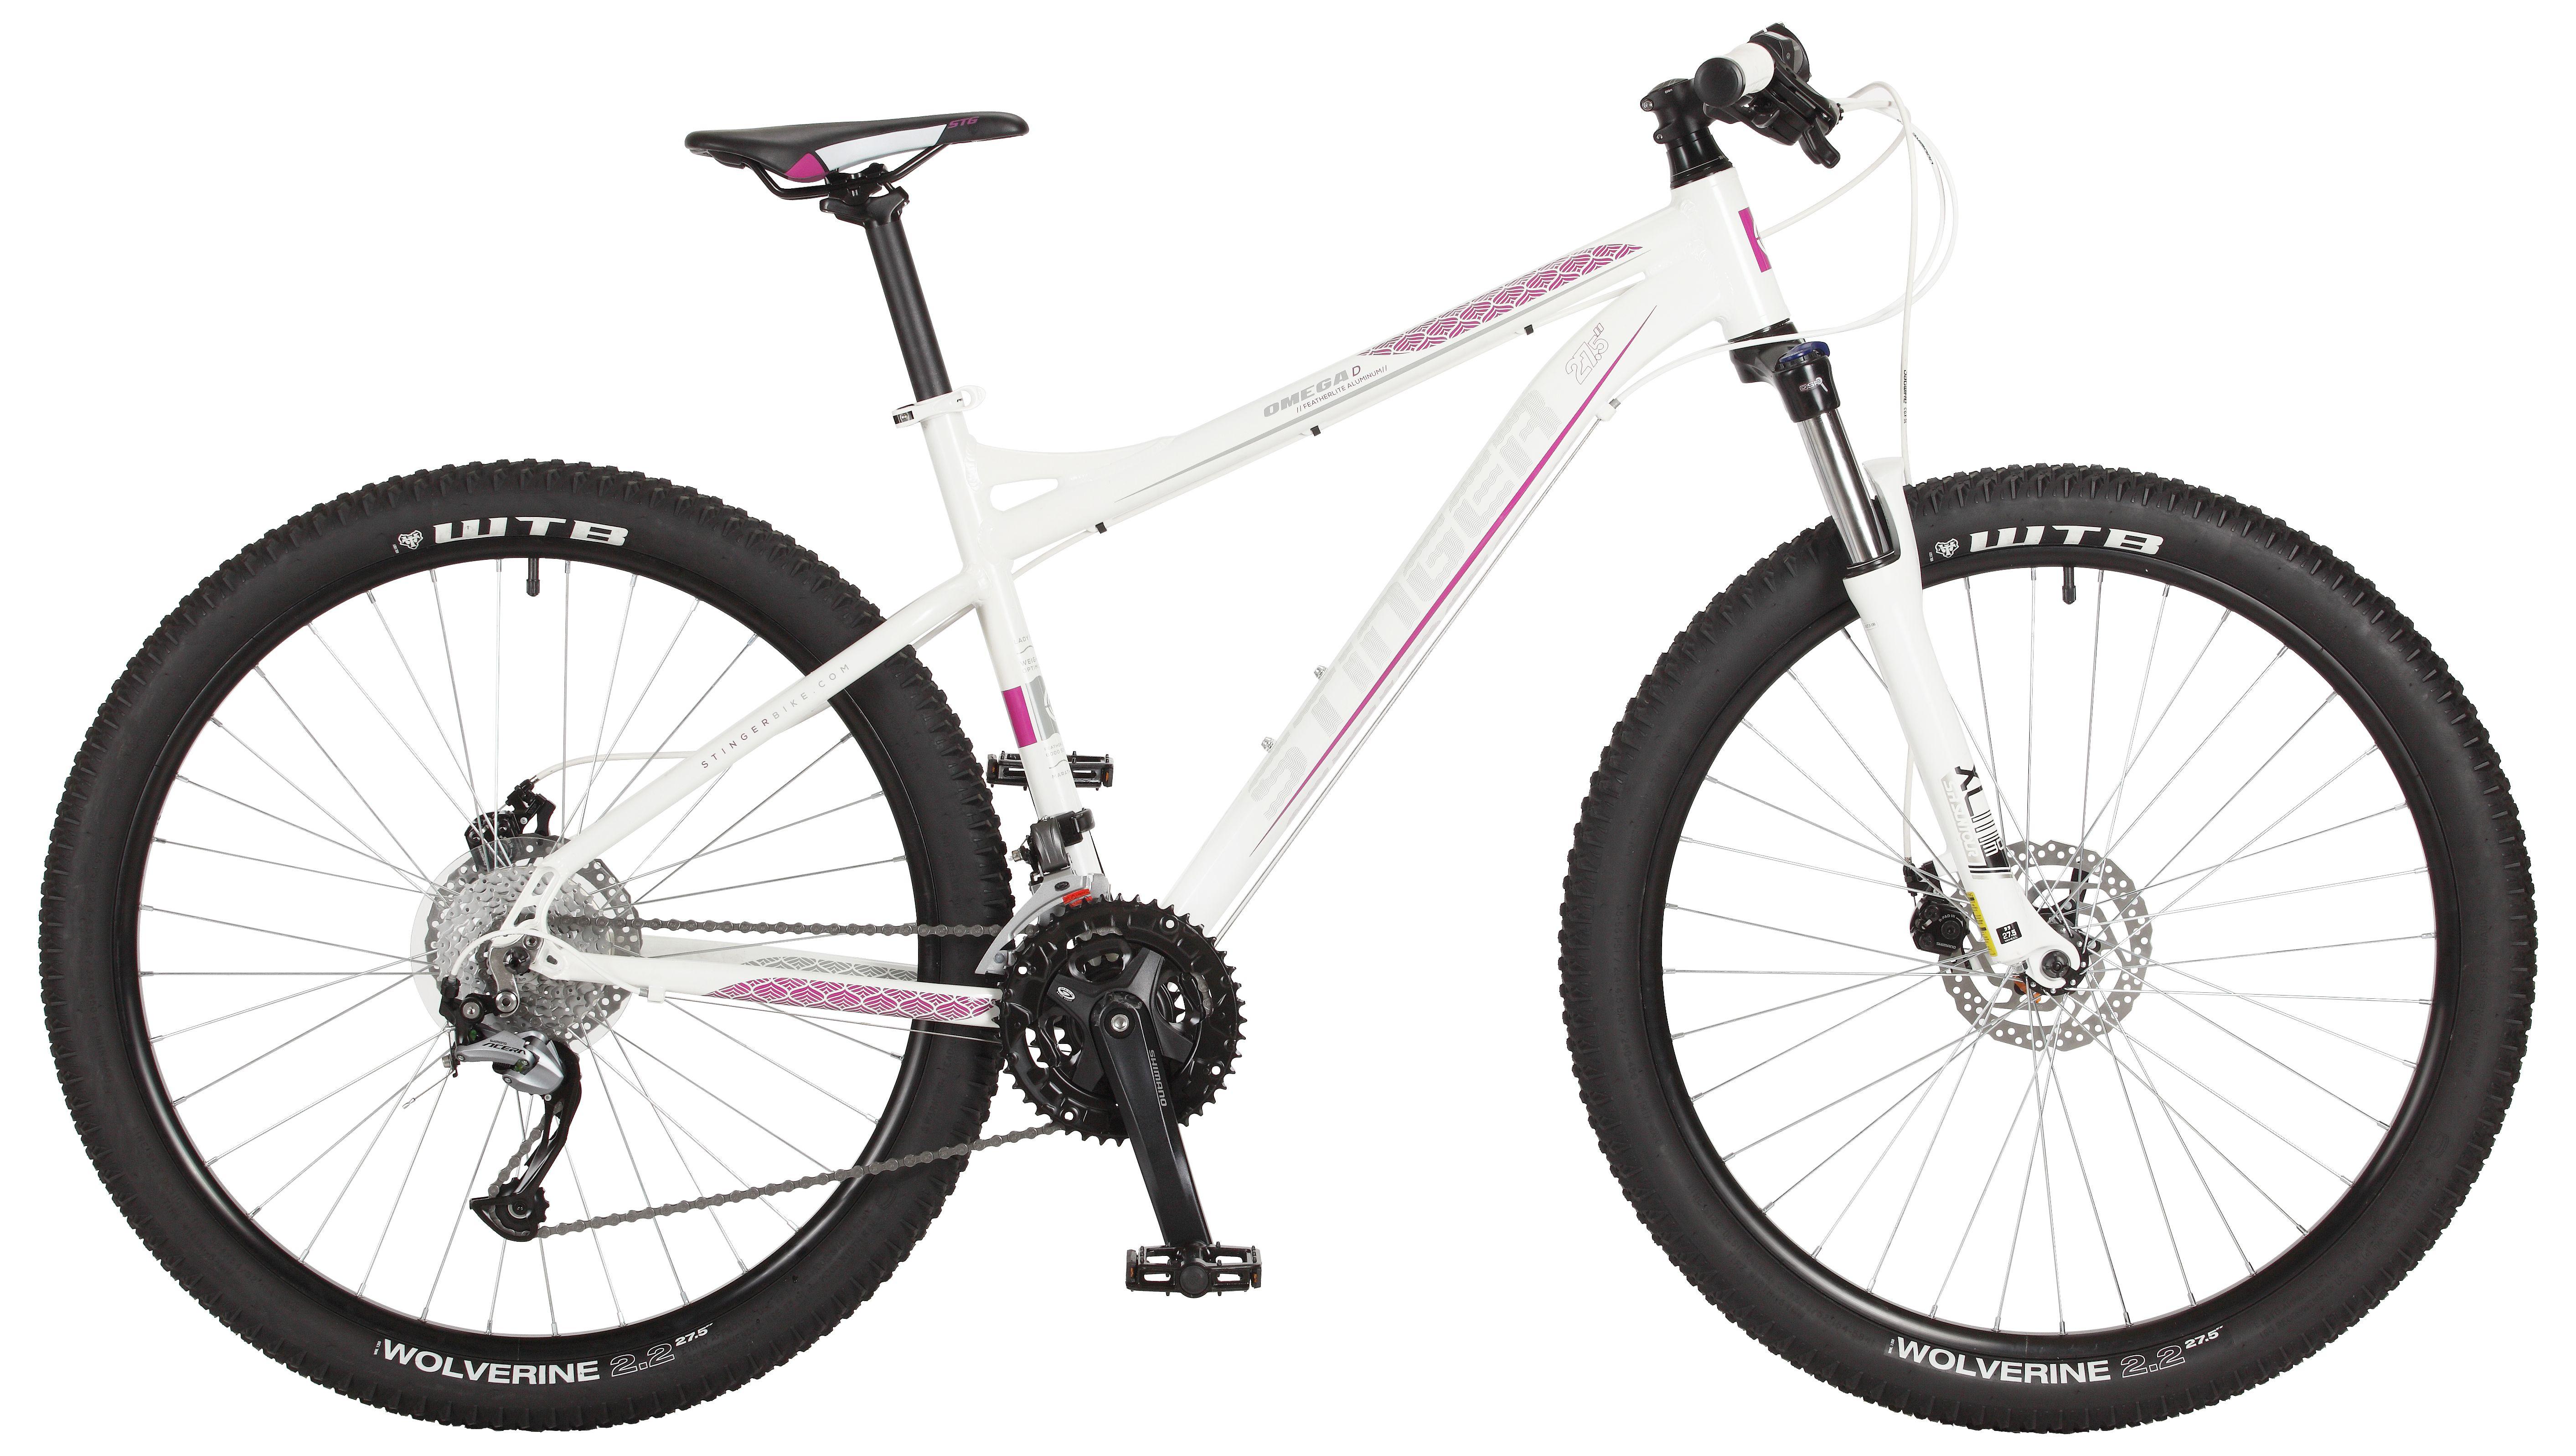 Велосипед Stinger Omega D 27.5 2017 велосипед stinger omega d 26 2016